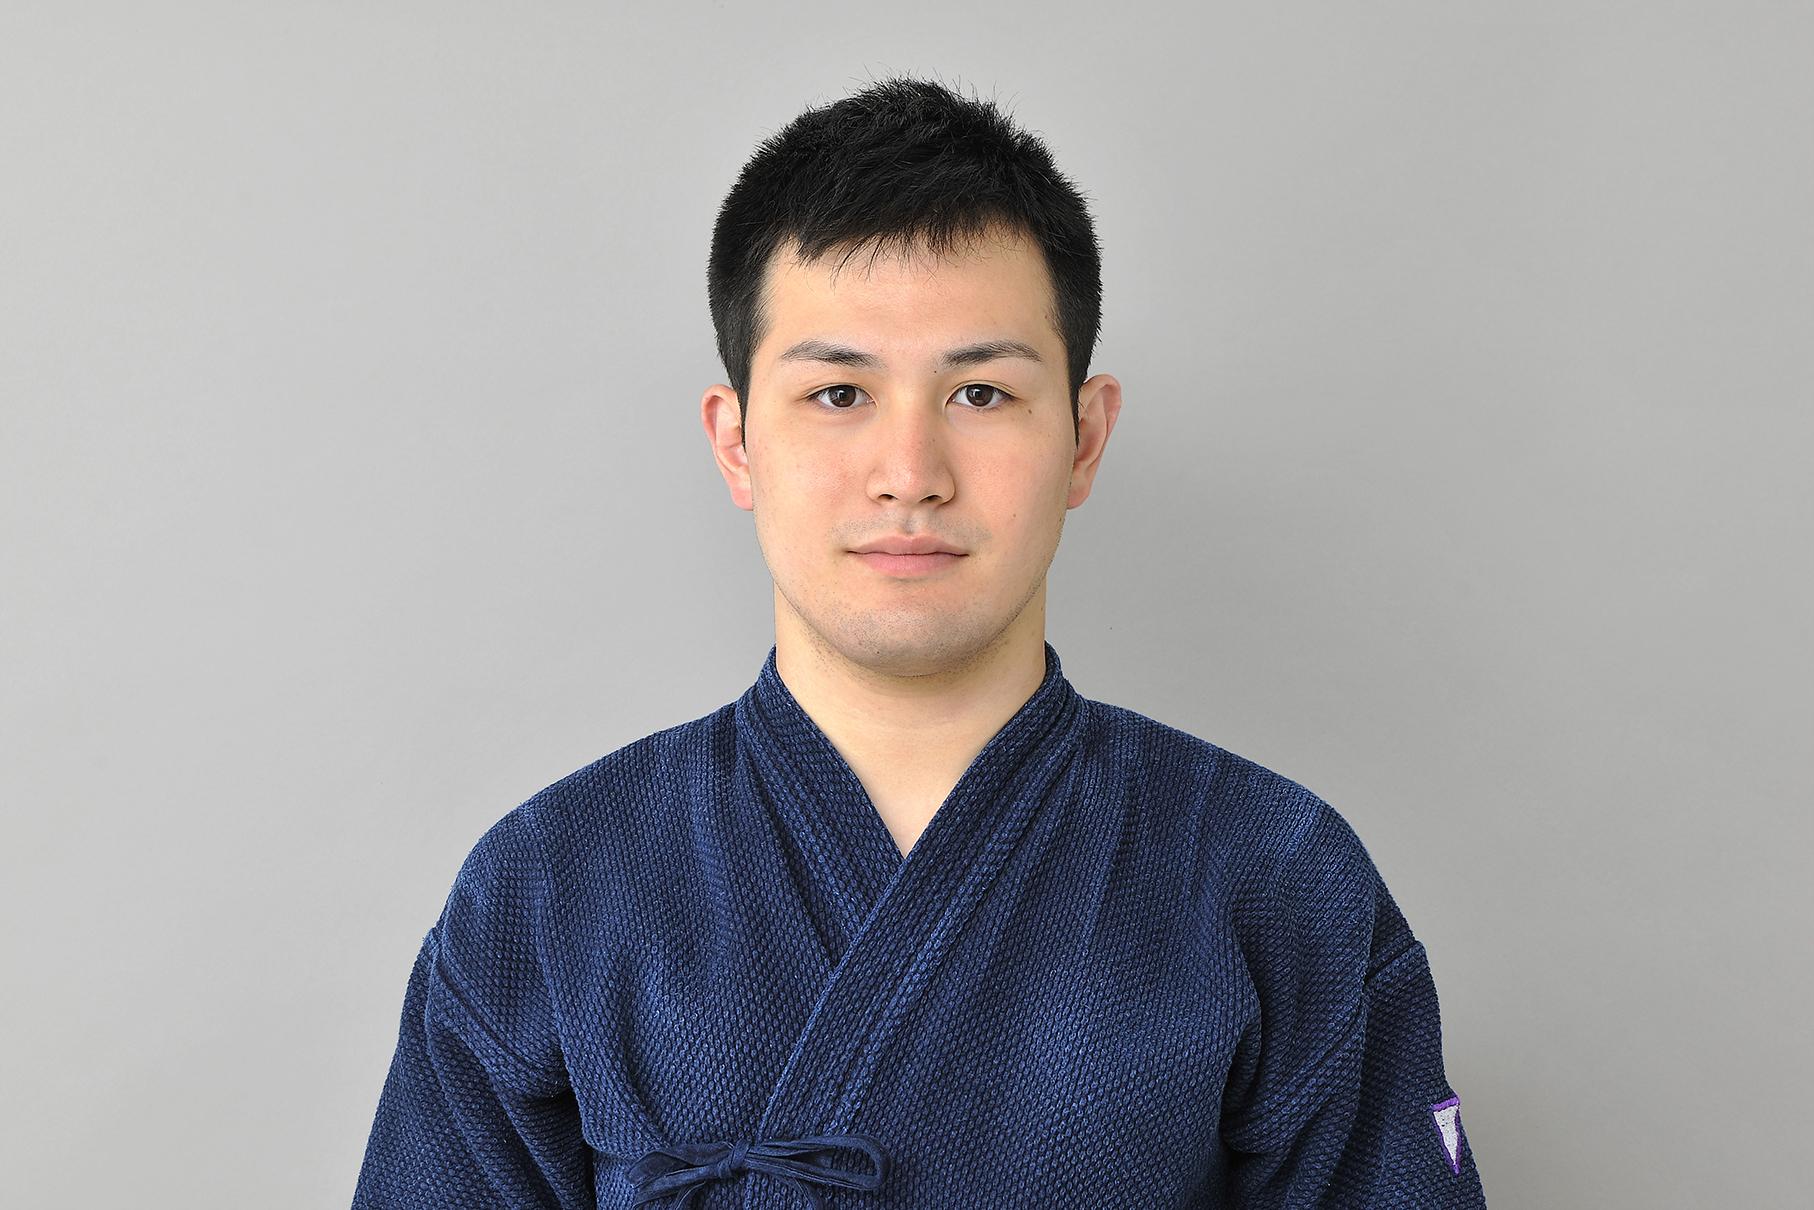 伊藤 寛和(いとう ひろかず)